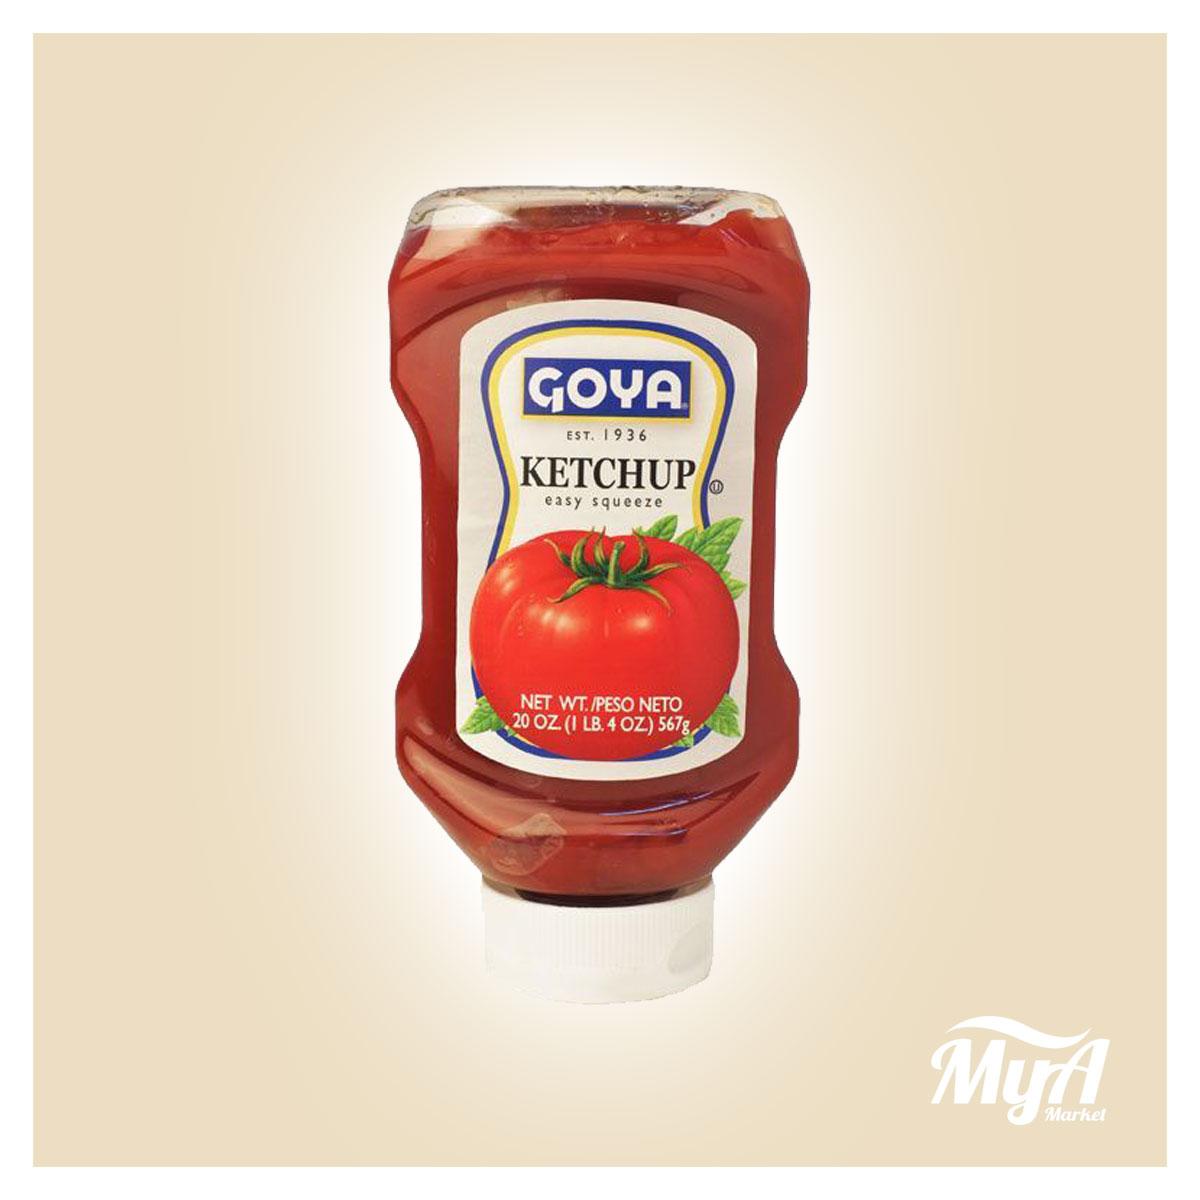 Ketchup Goya